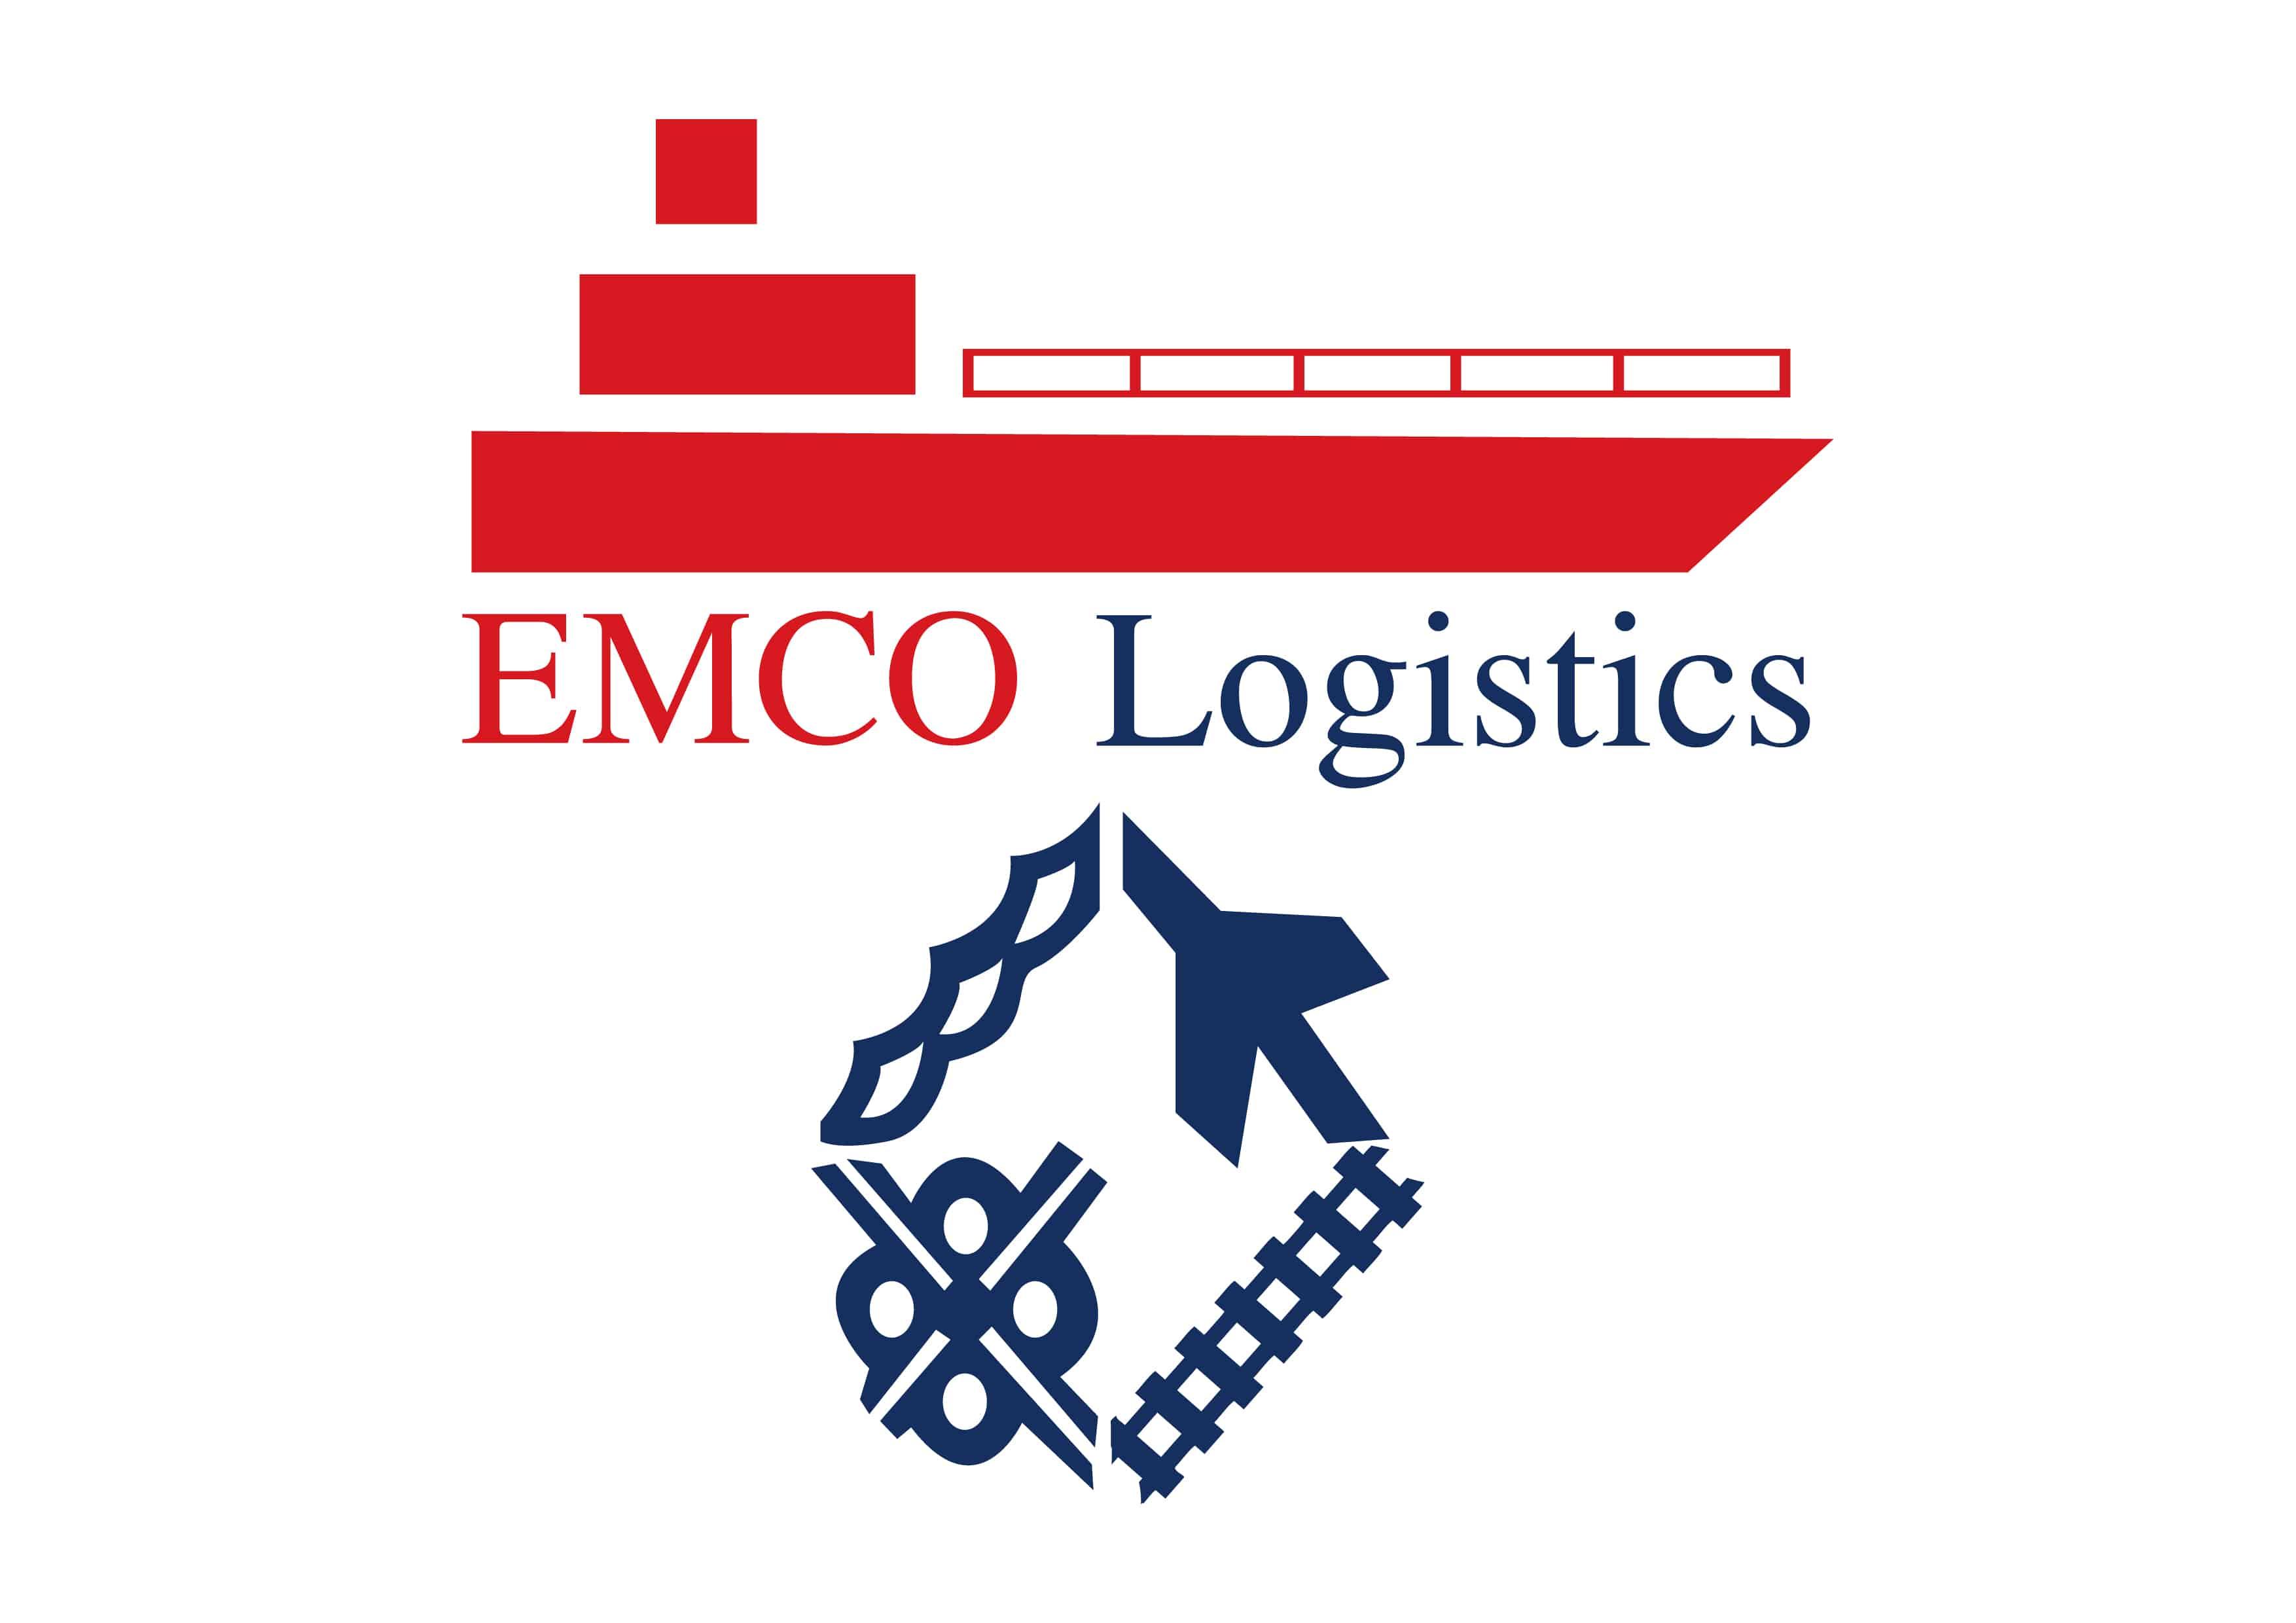 EMCO Logistics